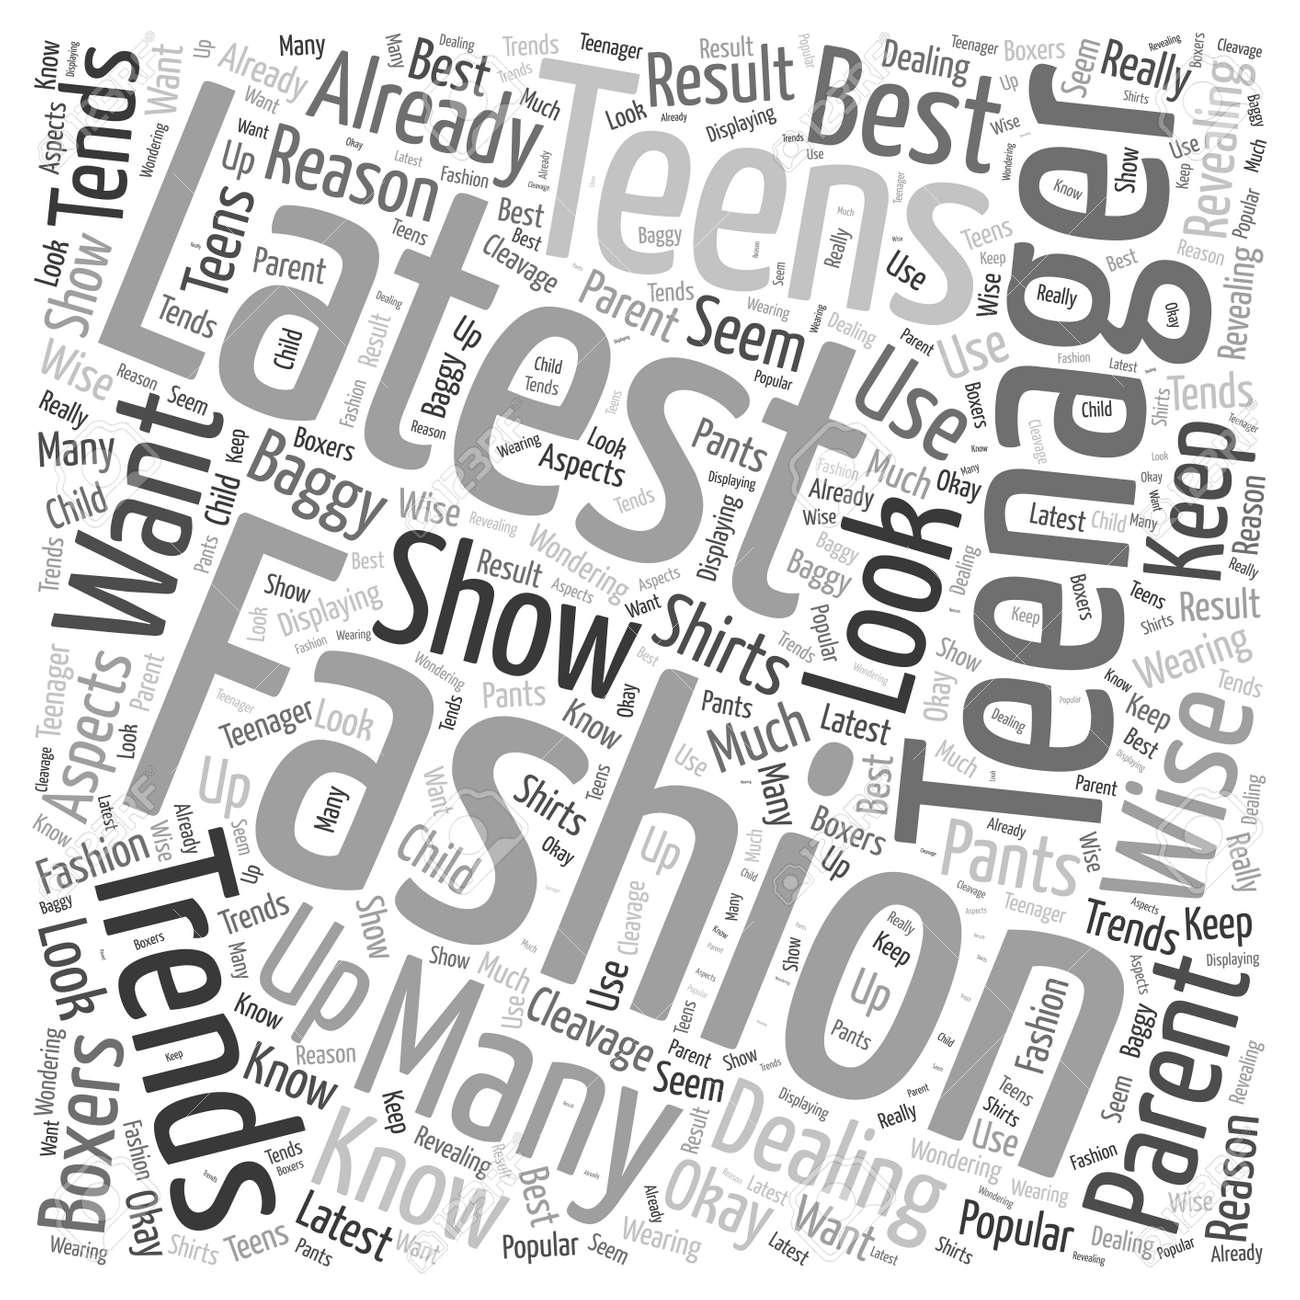 Traiter Avec Votre Adolescent Et La Dernière Mode Trends Concept De ...